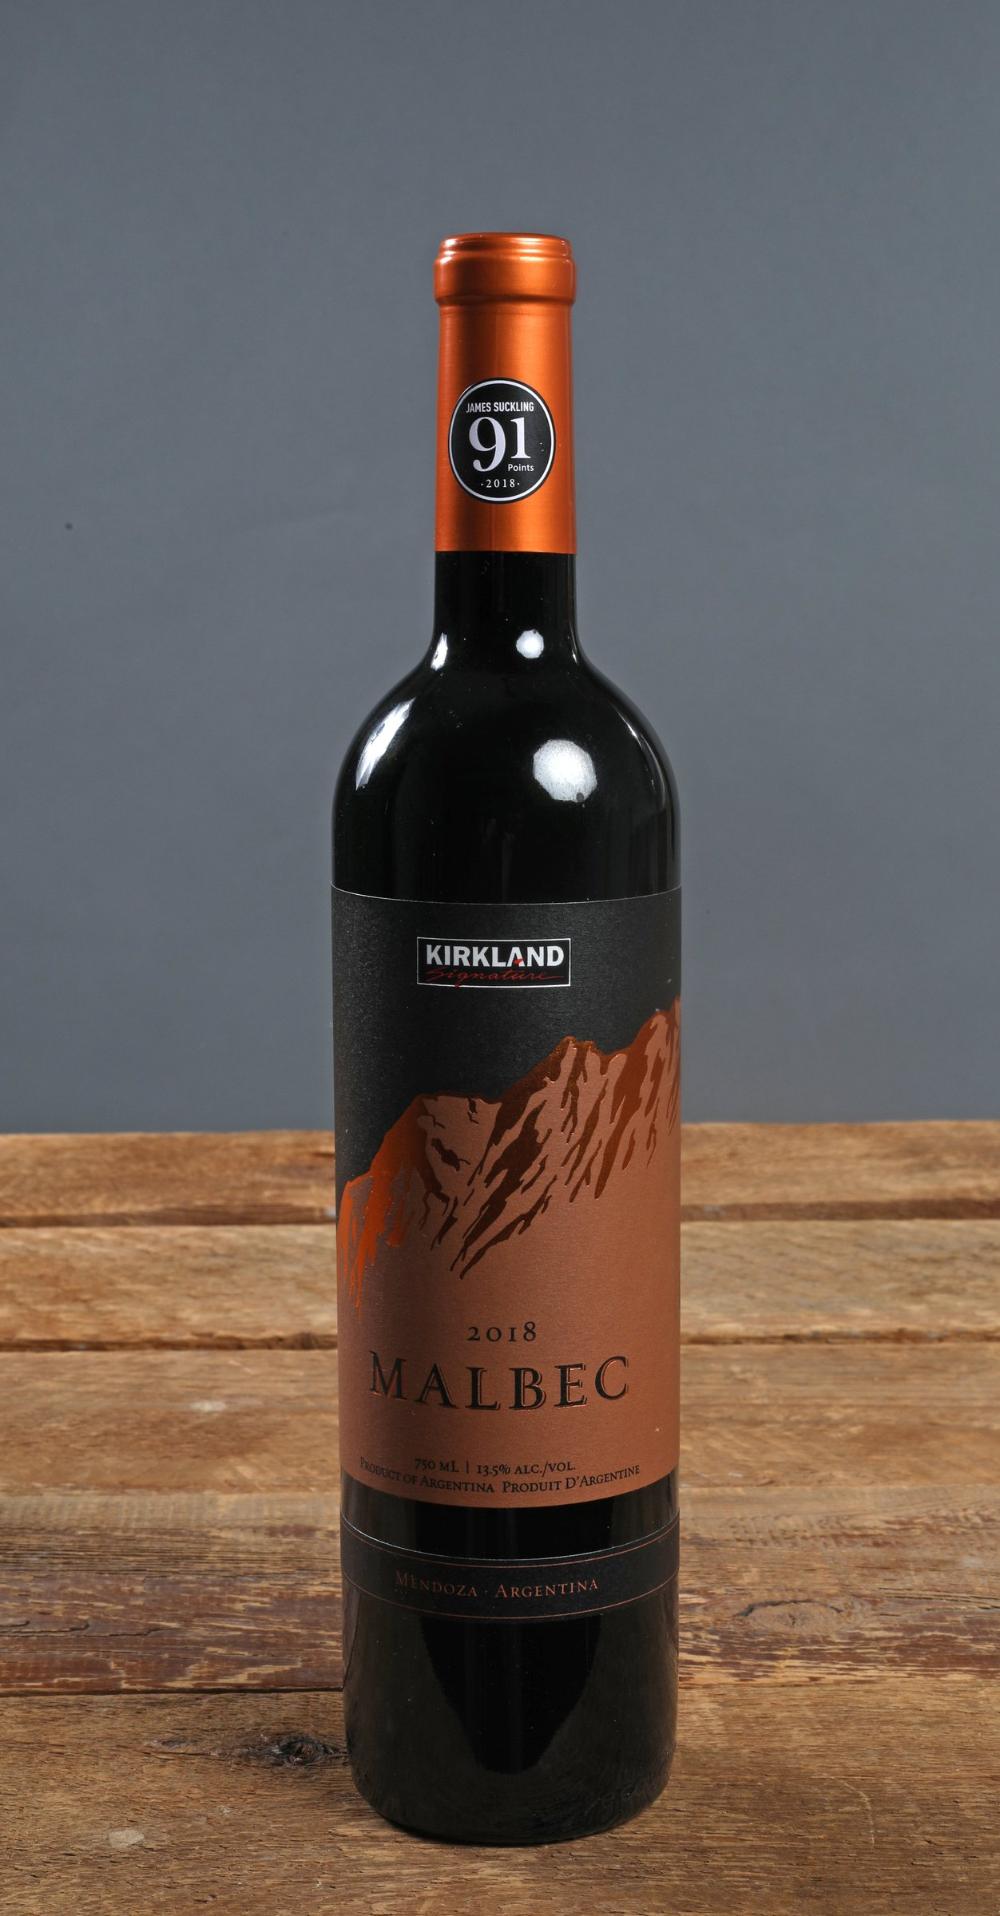 17 Wino Ideas Wine Bottle Wine Bottle